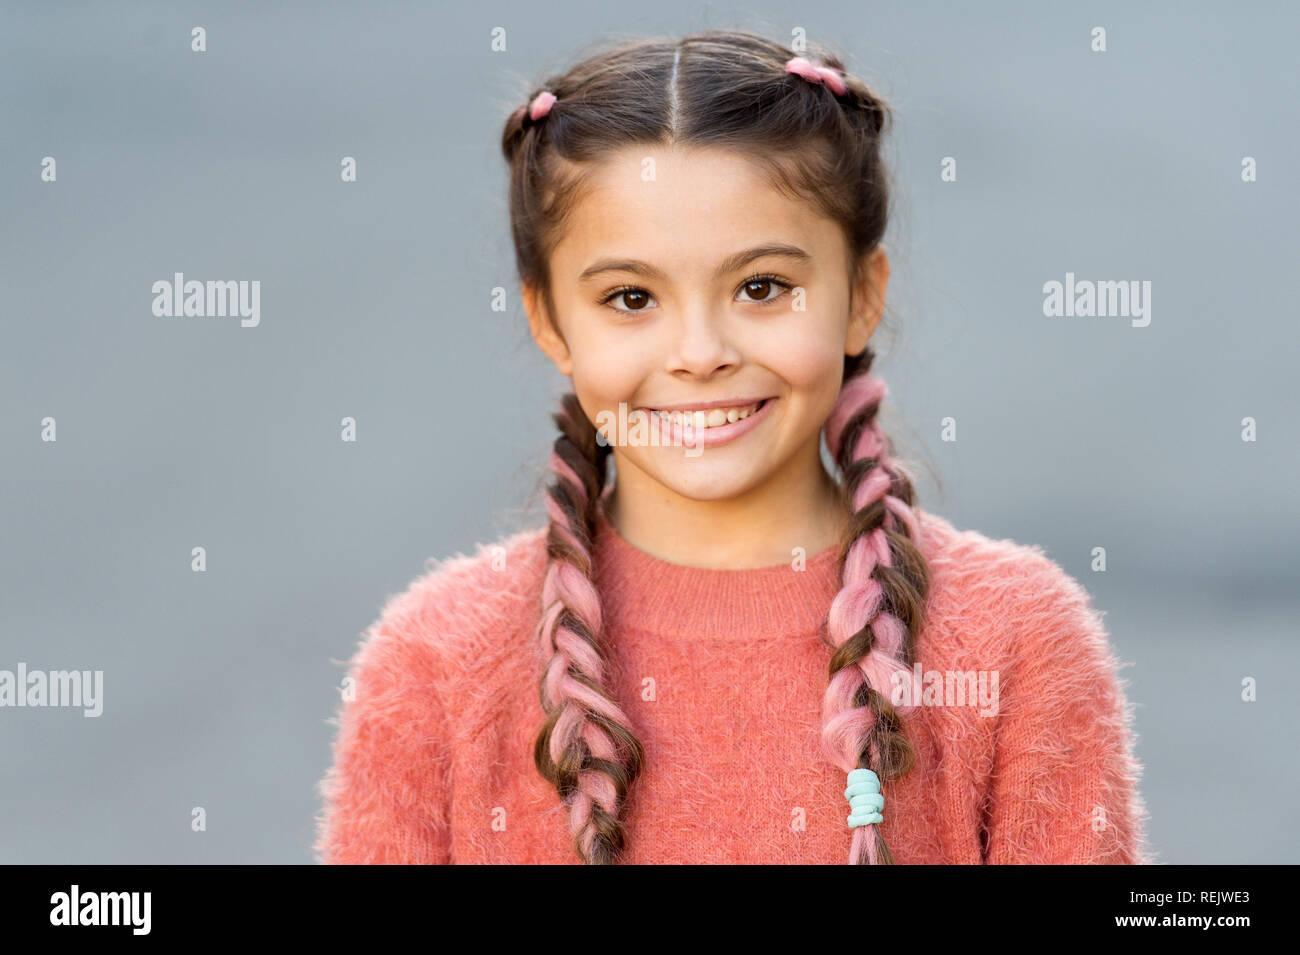 Chica Con Cara Linda Sonriendo Al Aire Libre Hermoso Peinado